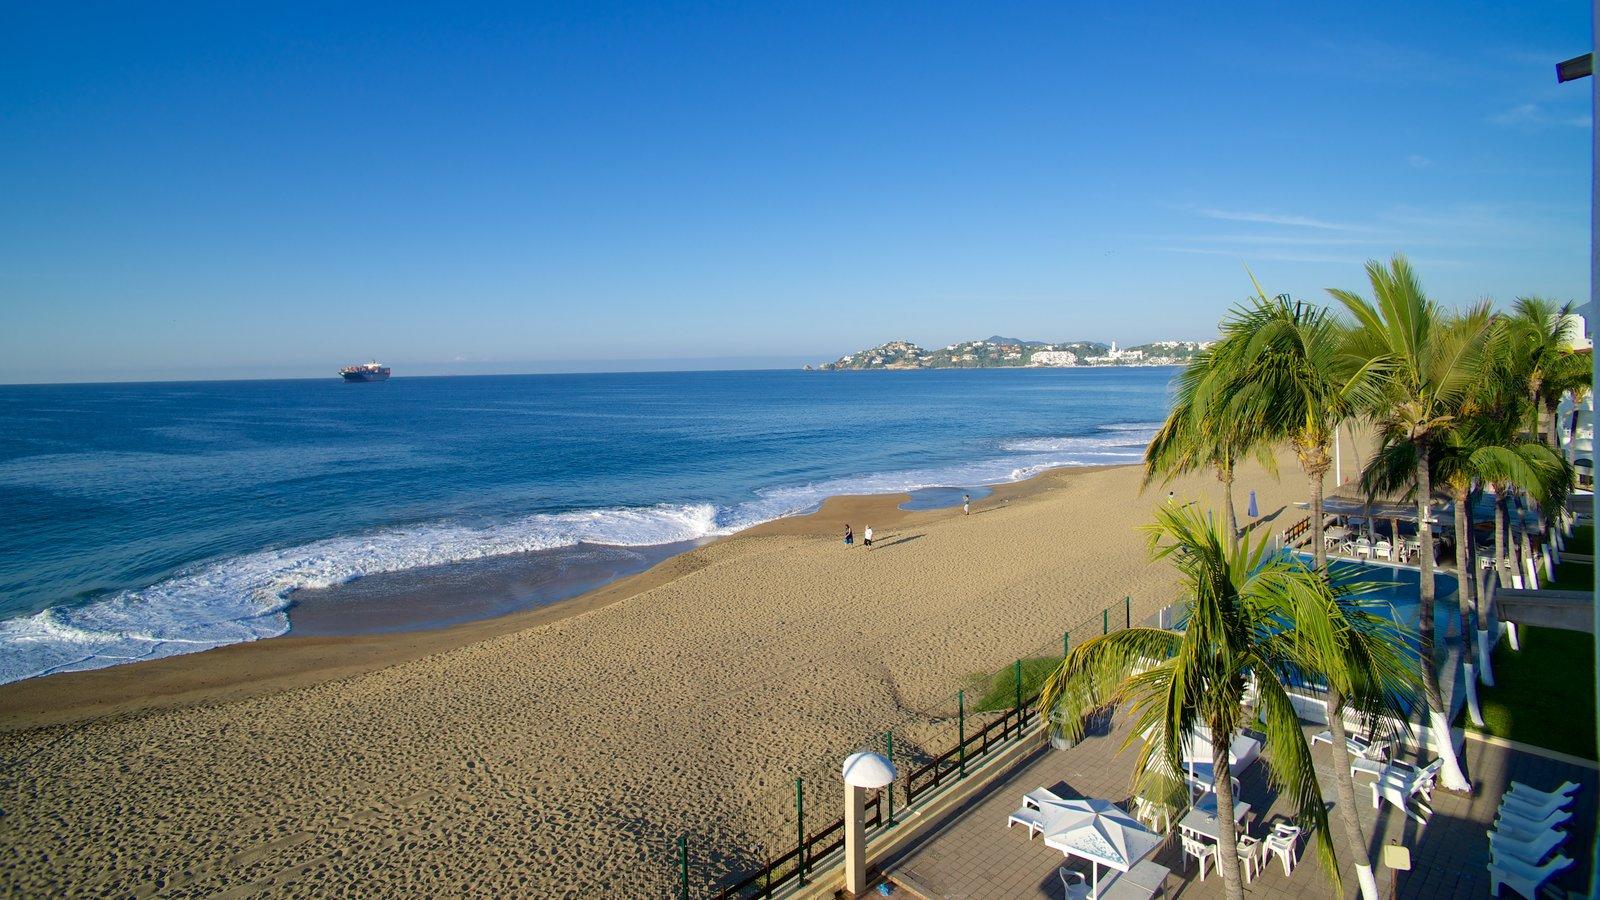 Manzanillo que incluye un hotel o resort de lujo, escenas tropicales y una playa